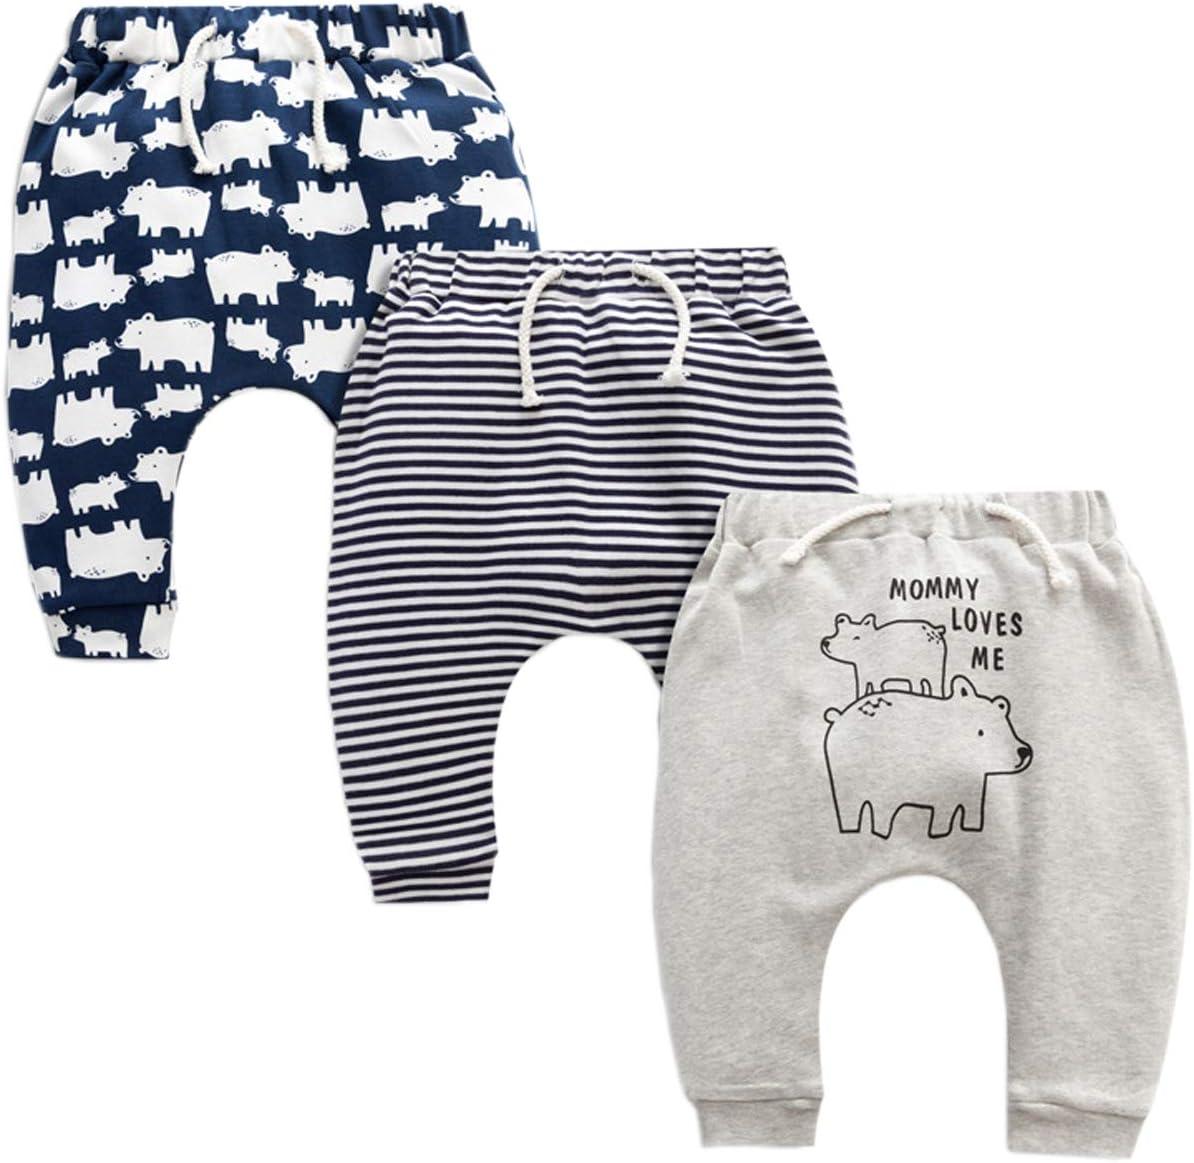 24-36 Mois Lot de 3 Pantalons B/éb/é Coton Leggings Fille Culottes pour B/éb/é Sarouel